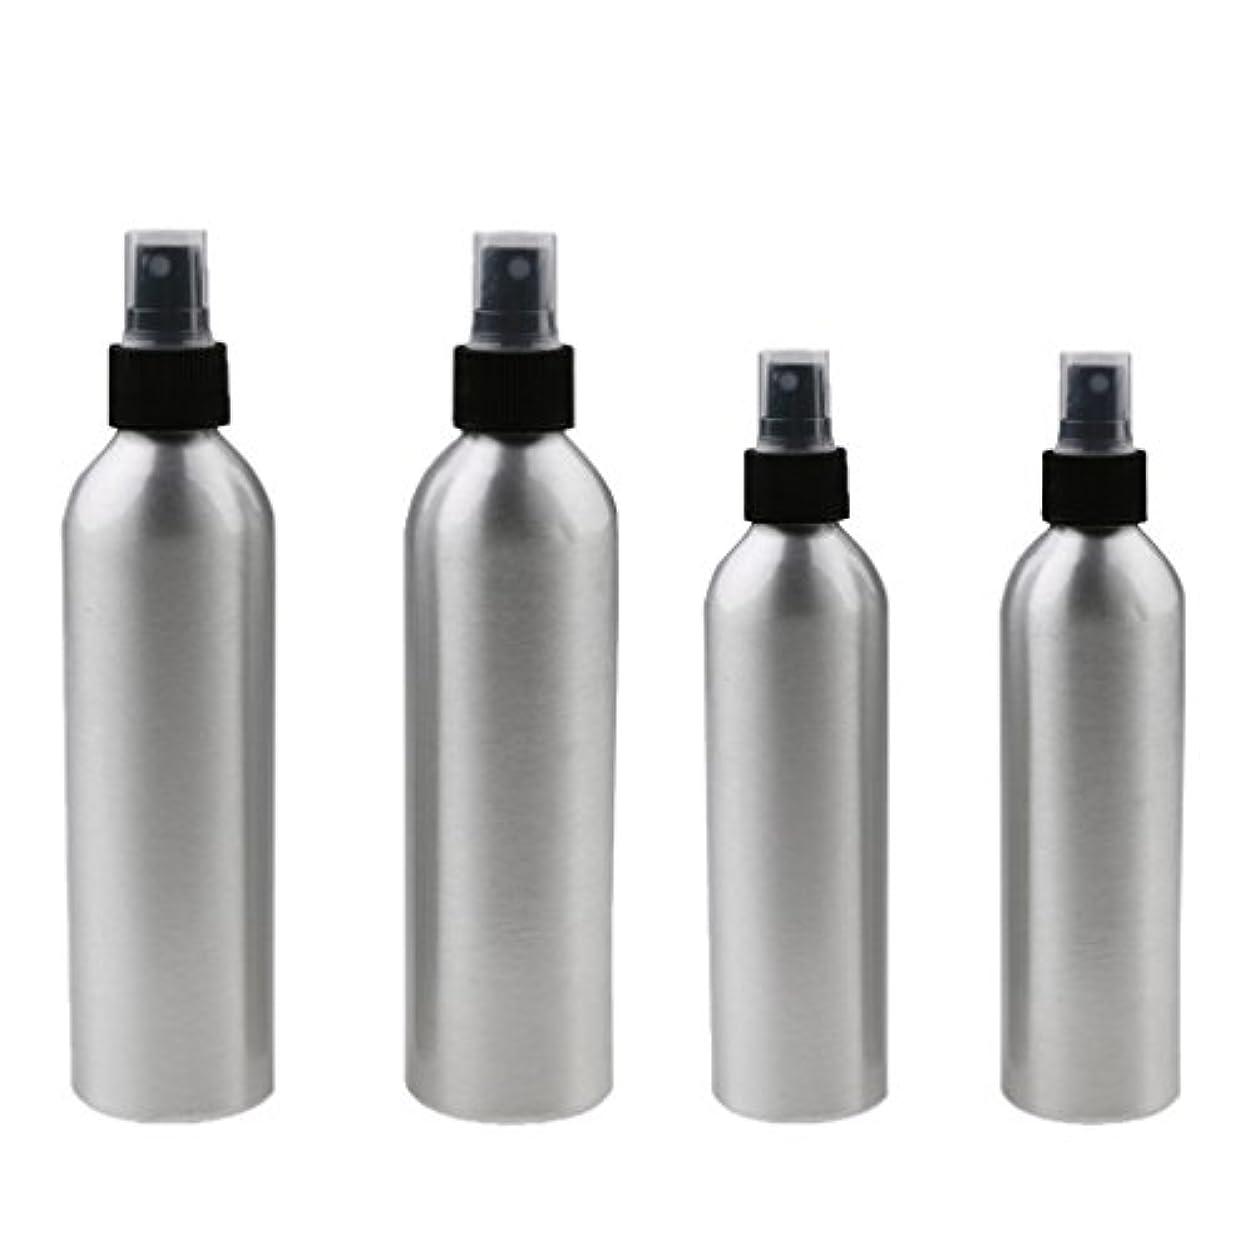 奇妙なホース成果4本入り スプレーボトル 100mlと150ml各2本 アルミミスト スプレー 香水 ボトル スプレーアトマイザー